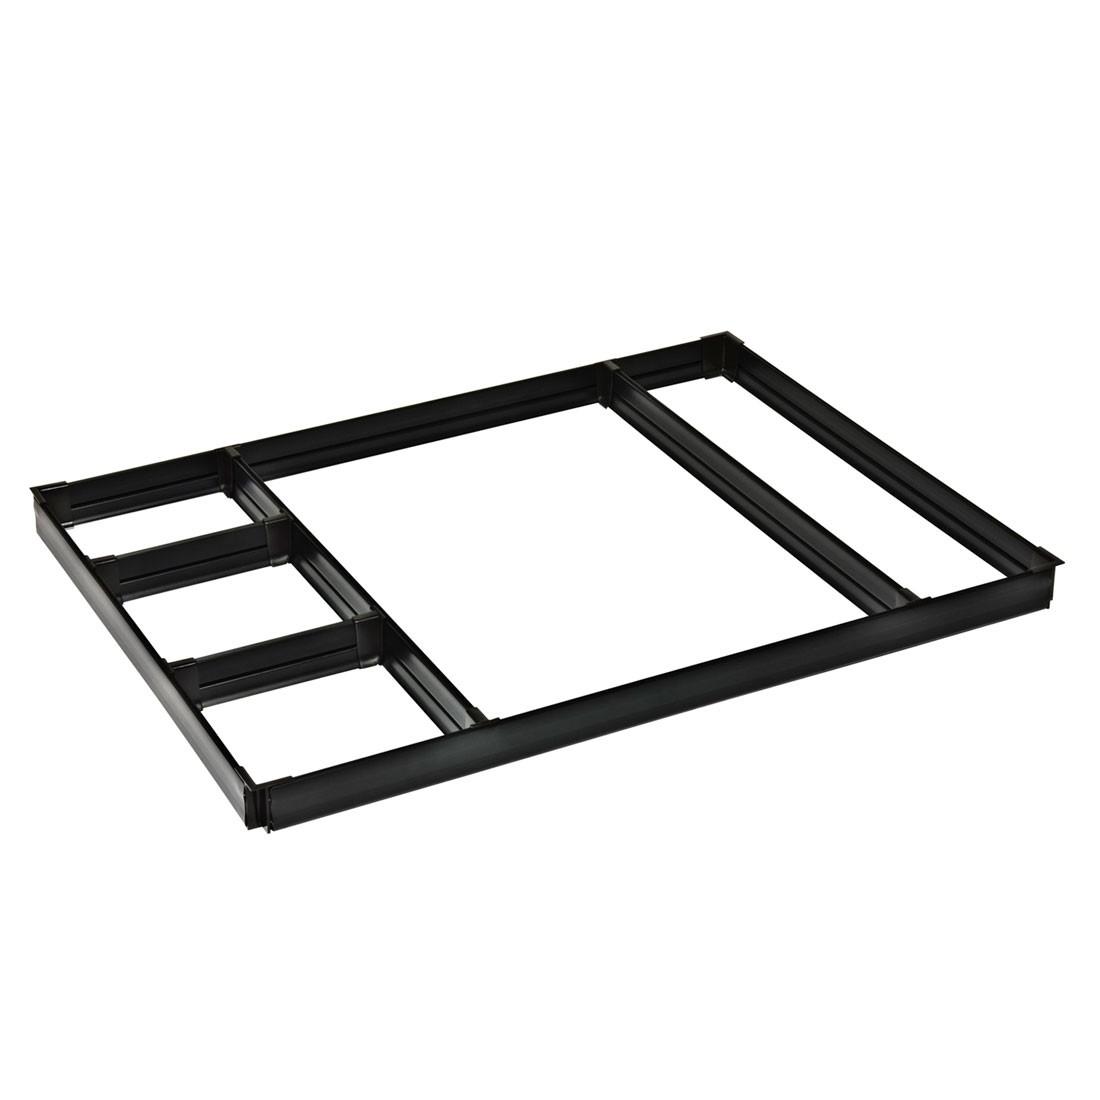 4201 1.2u201d Drawer Divider II u2013 5 Compartment - 4201 ...  sc 1 st  Ernst Manufacturing & Toolbox Drawer Divider